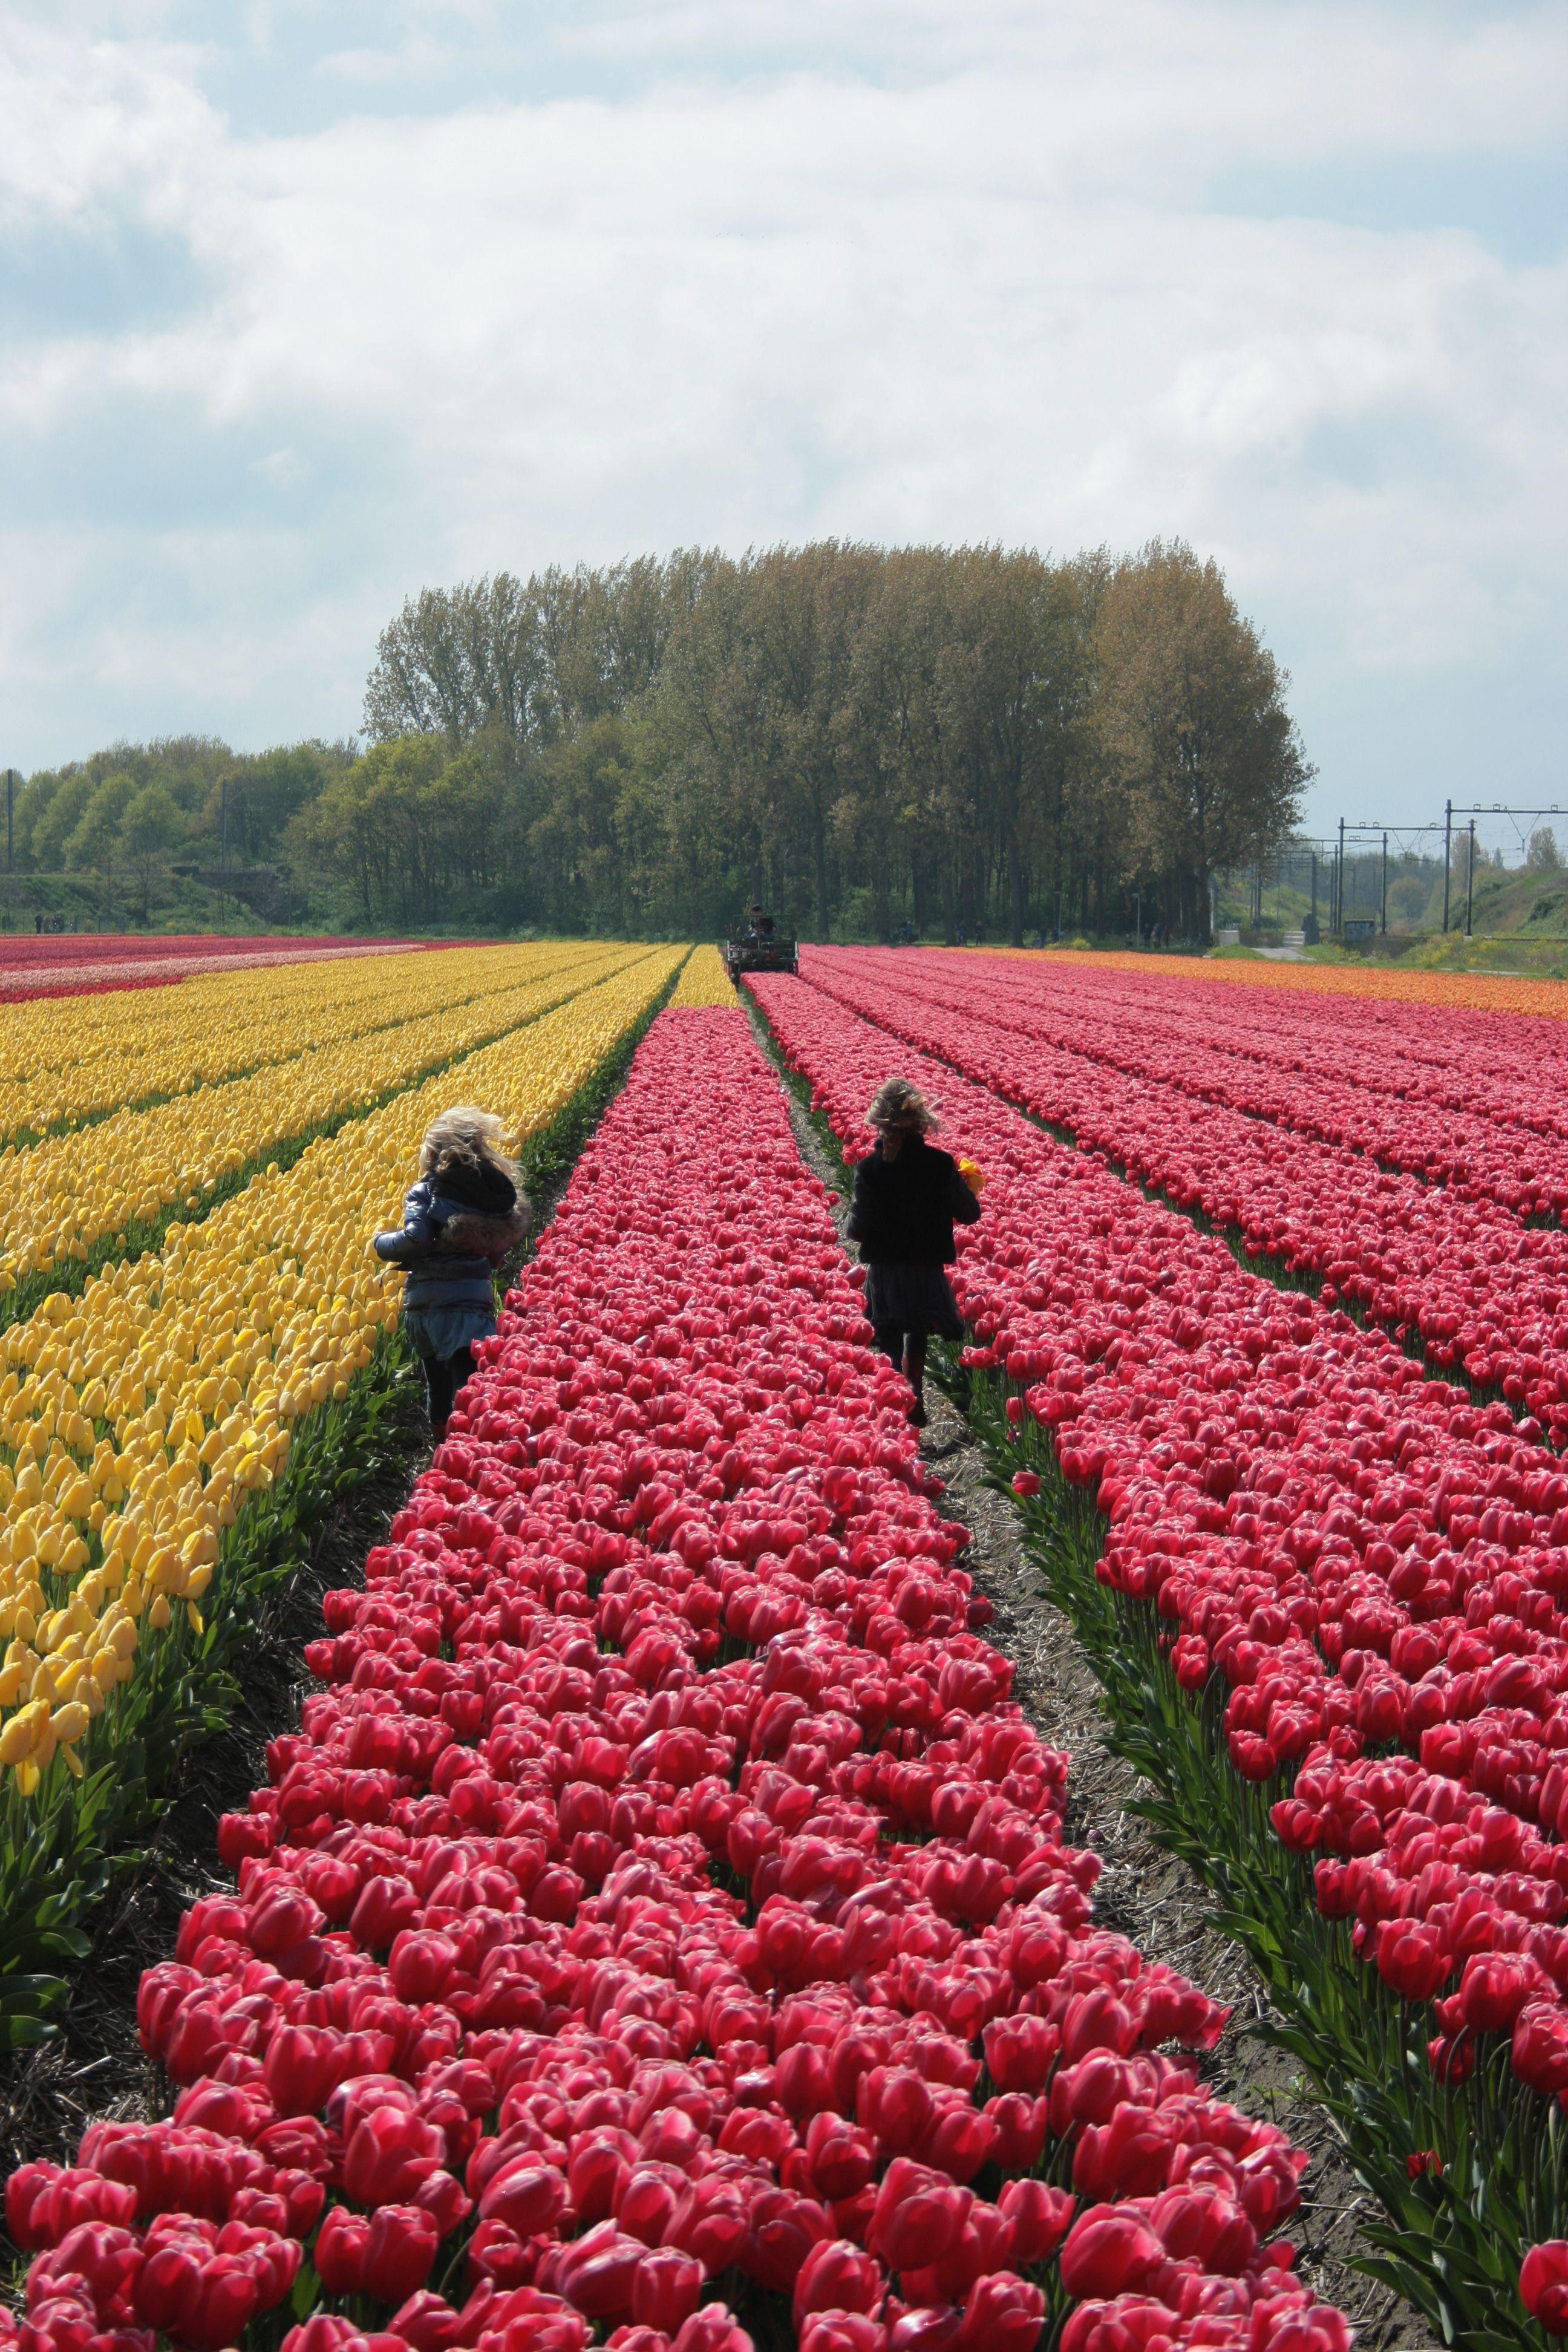 Endless Fields Of Tulips At Our Flower Farm In Holland The Kids Are Celbrating Spring Tulips Lisse Keukenhof Keukenhofga Tulpenvelden Nederland Amsterdam